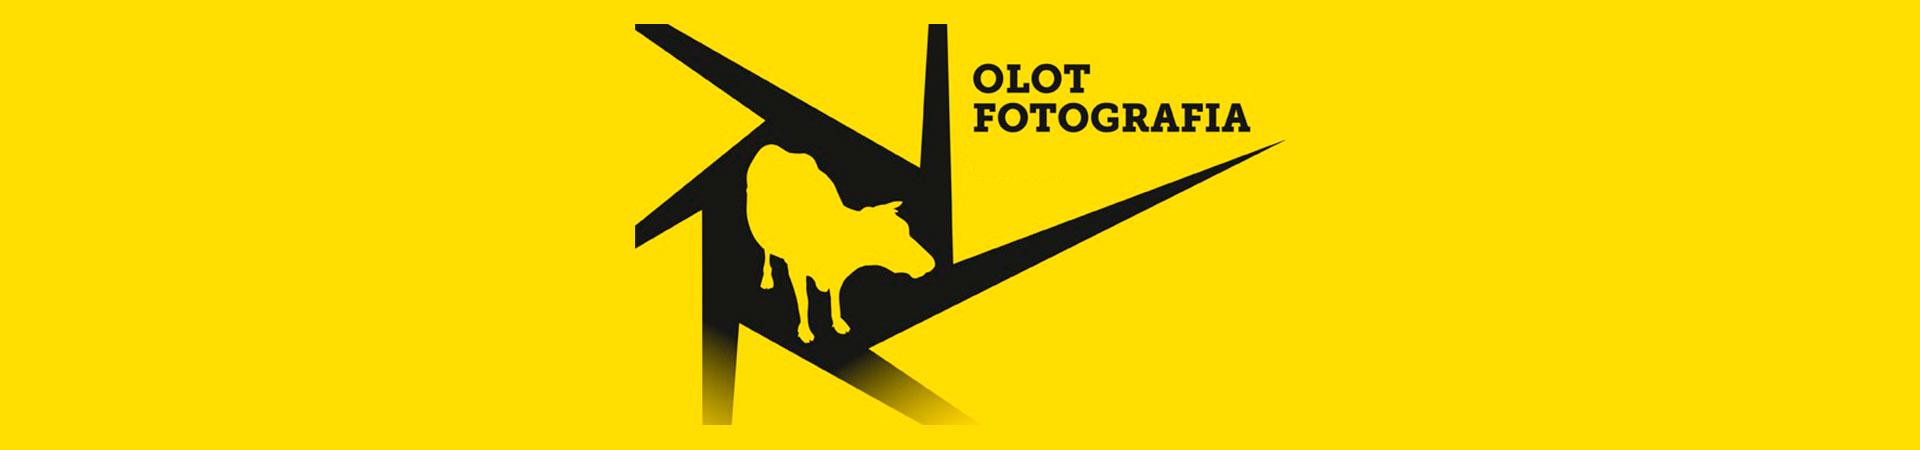 Biennal Olot-Fotografia